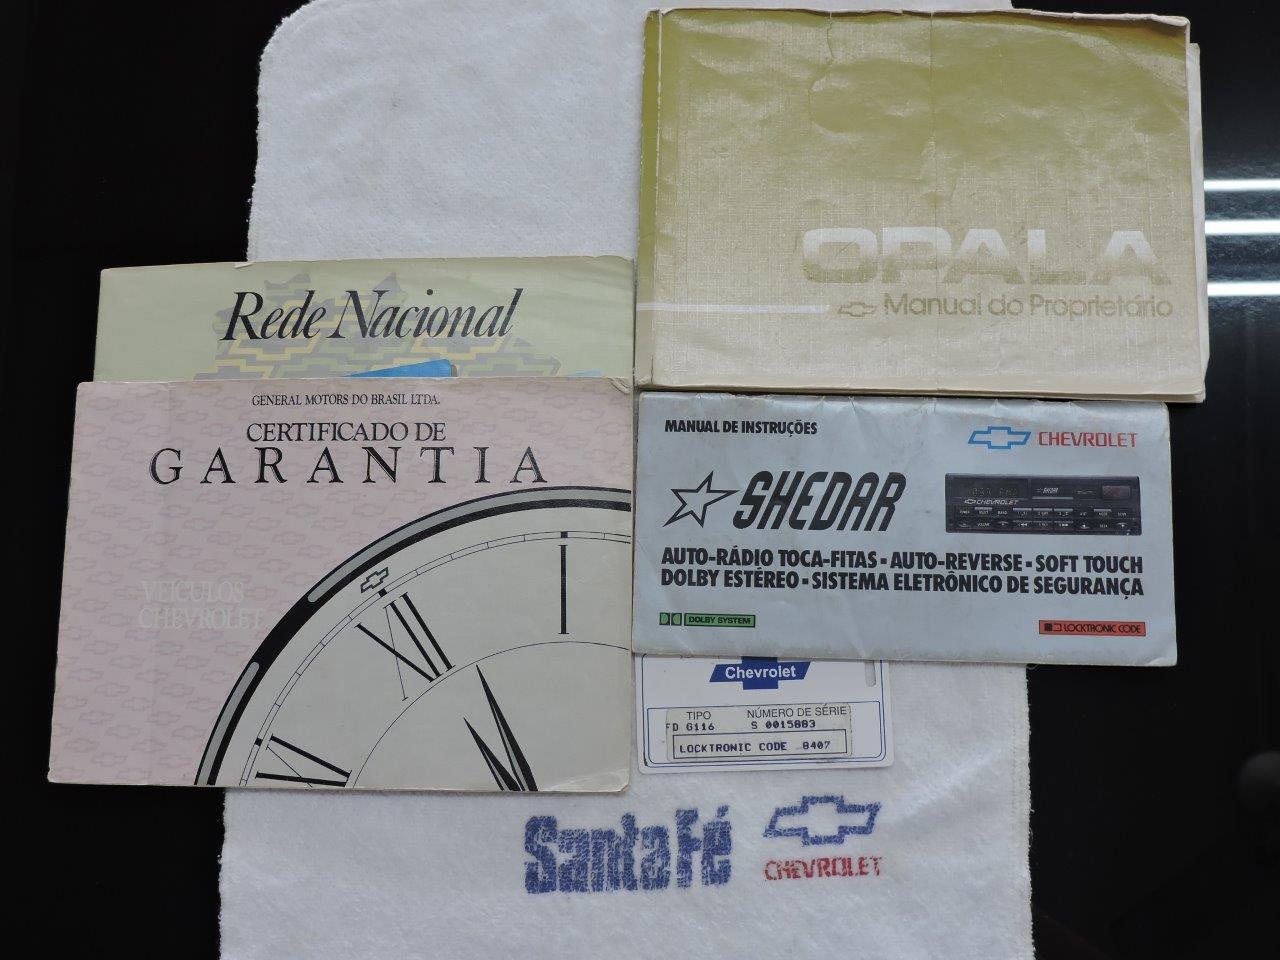 opala-diplomata-se-1992-126